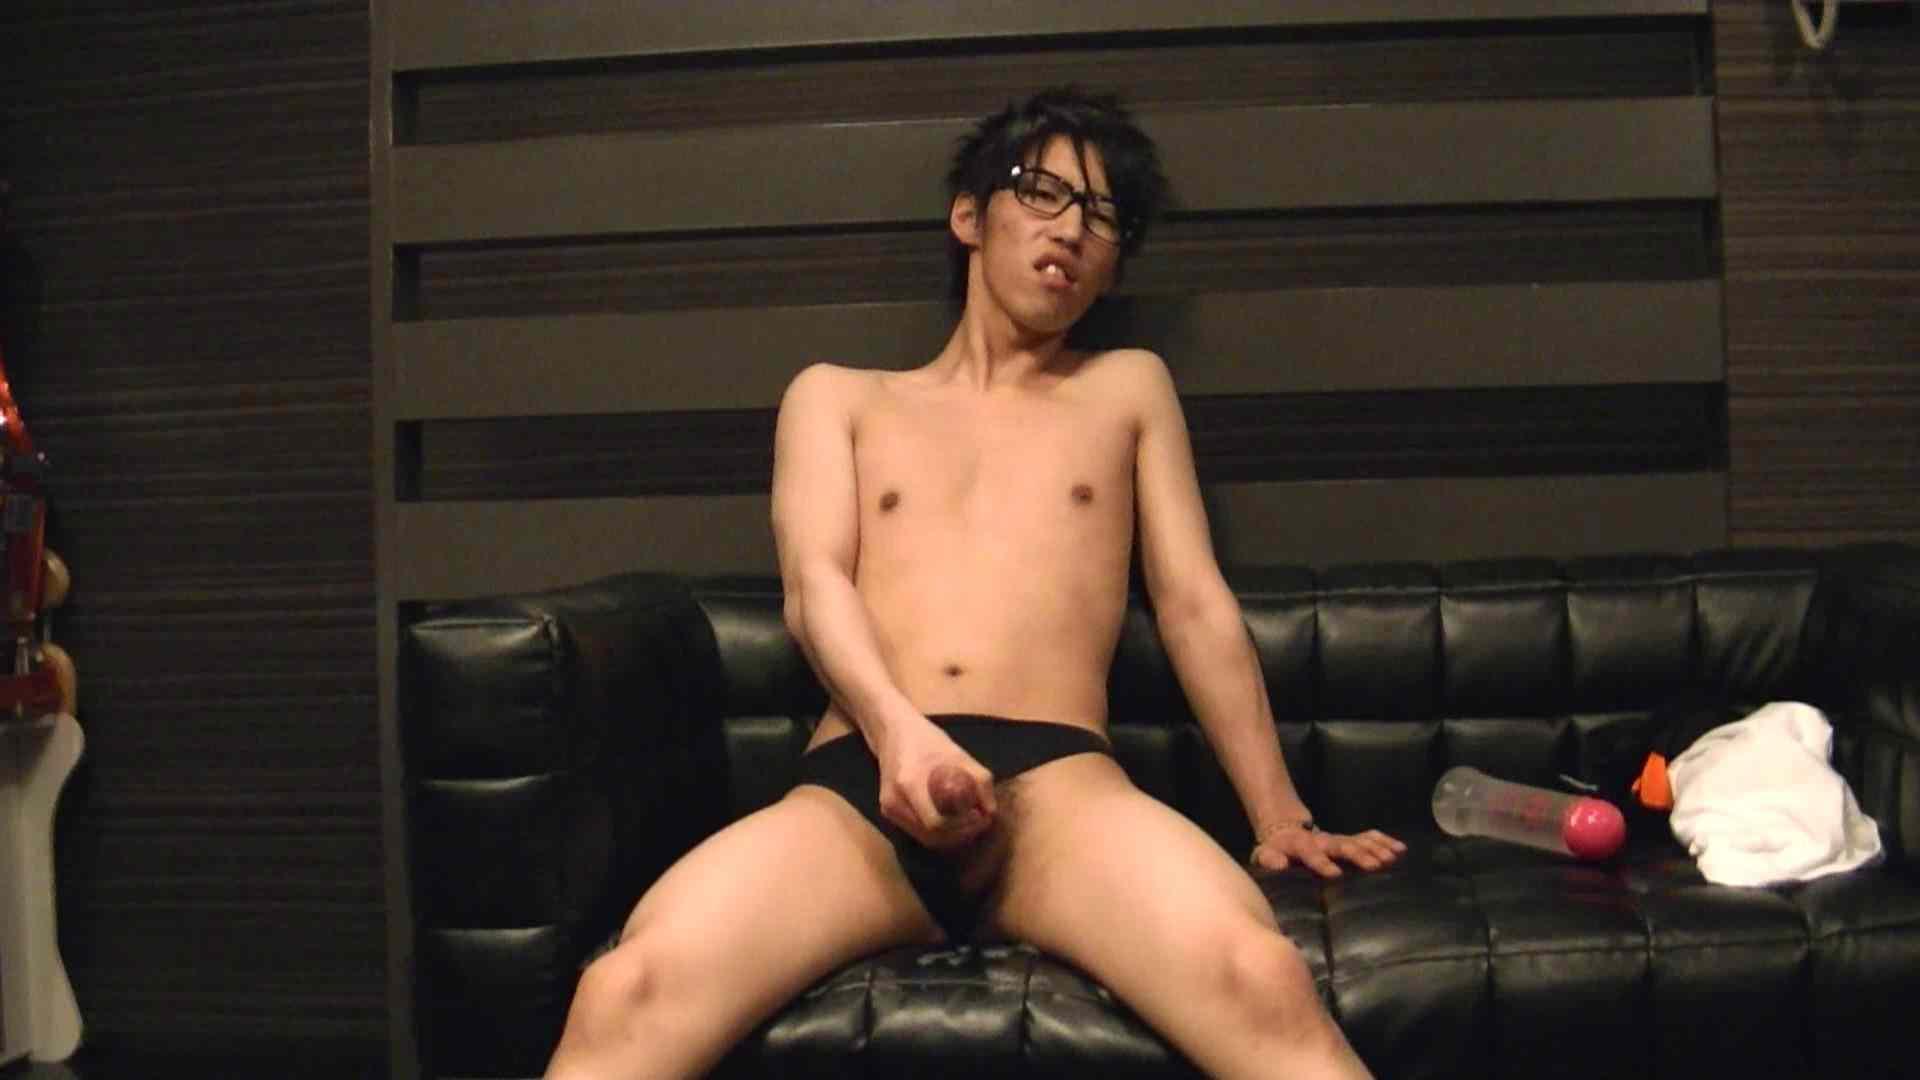 ONA見せカーニバル!! Vol3 男の世界 | オナニー専門男子  98画像 17